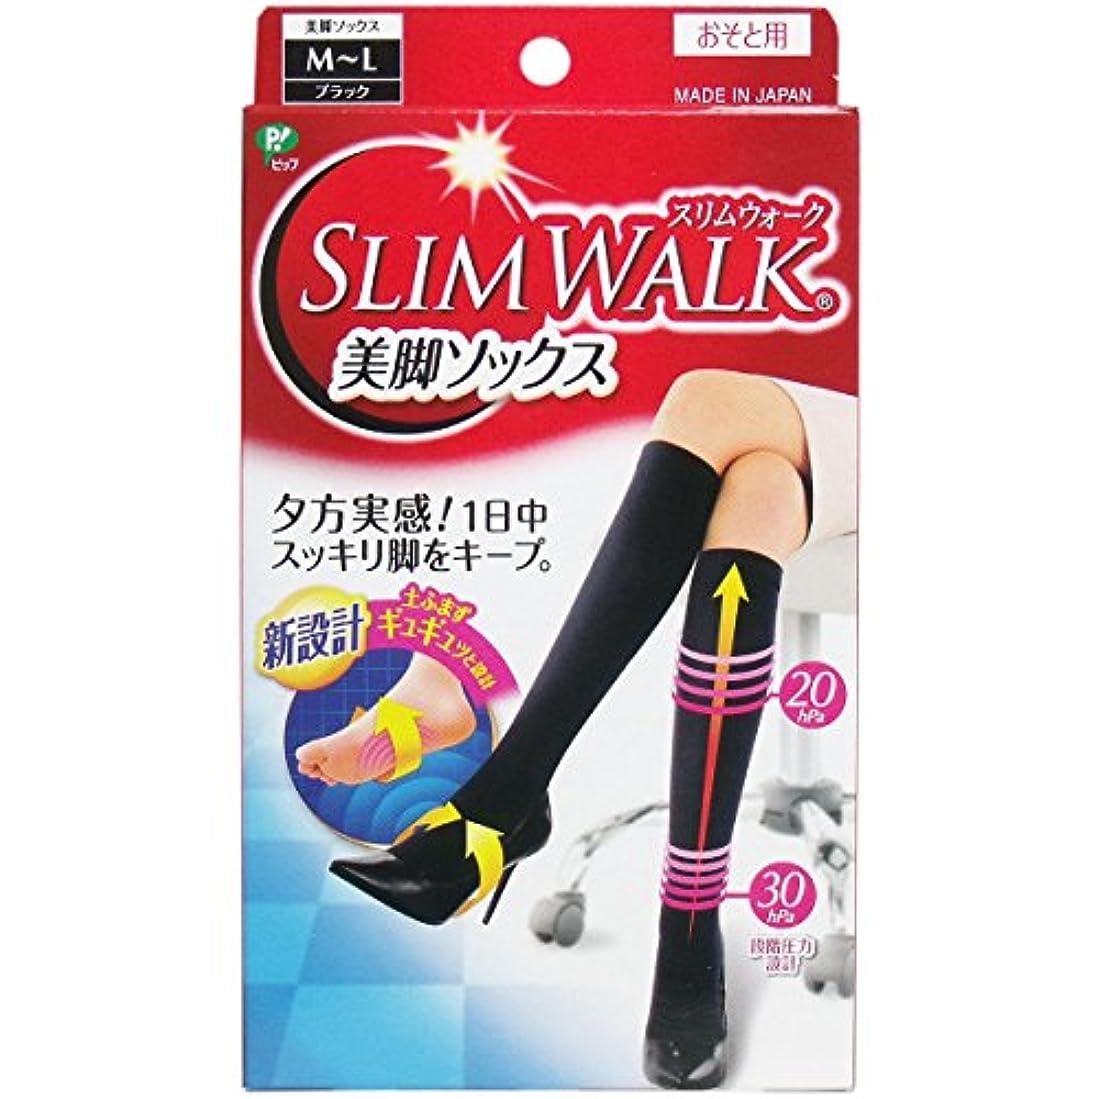 【セット品】スリムウォーク 美脚ソックス M-Lサイズ ブラック(SLIM WALK,socks,ML) ×2個